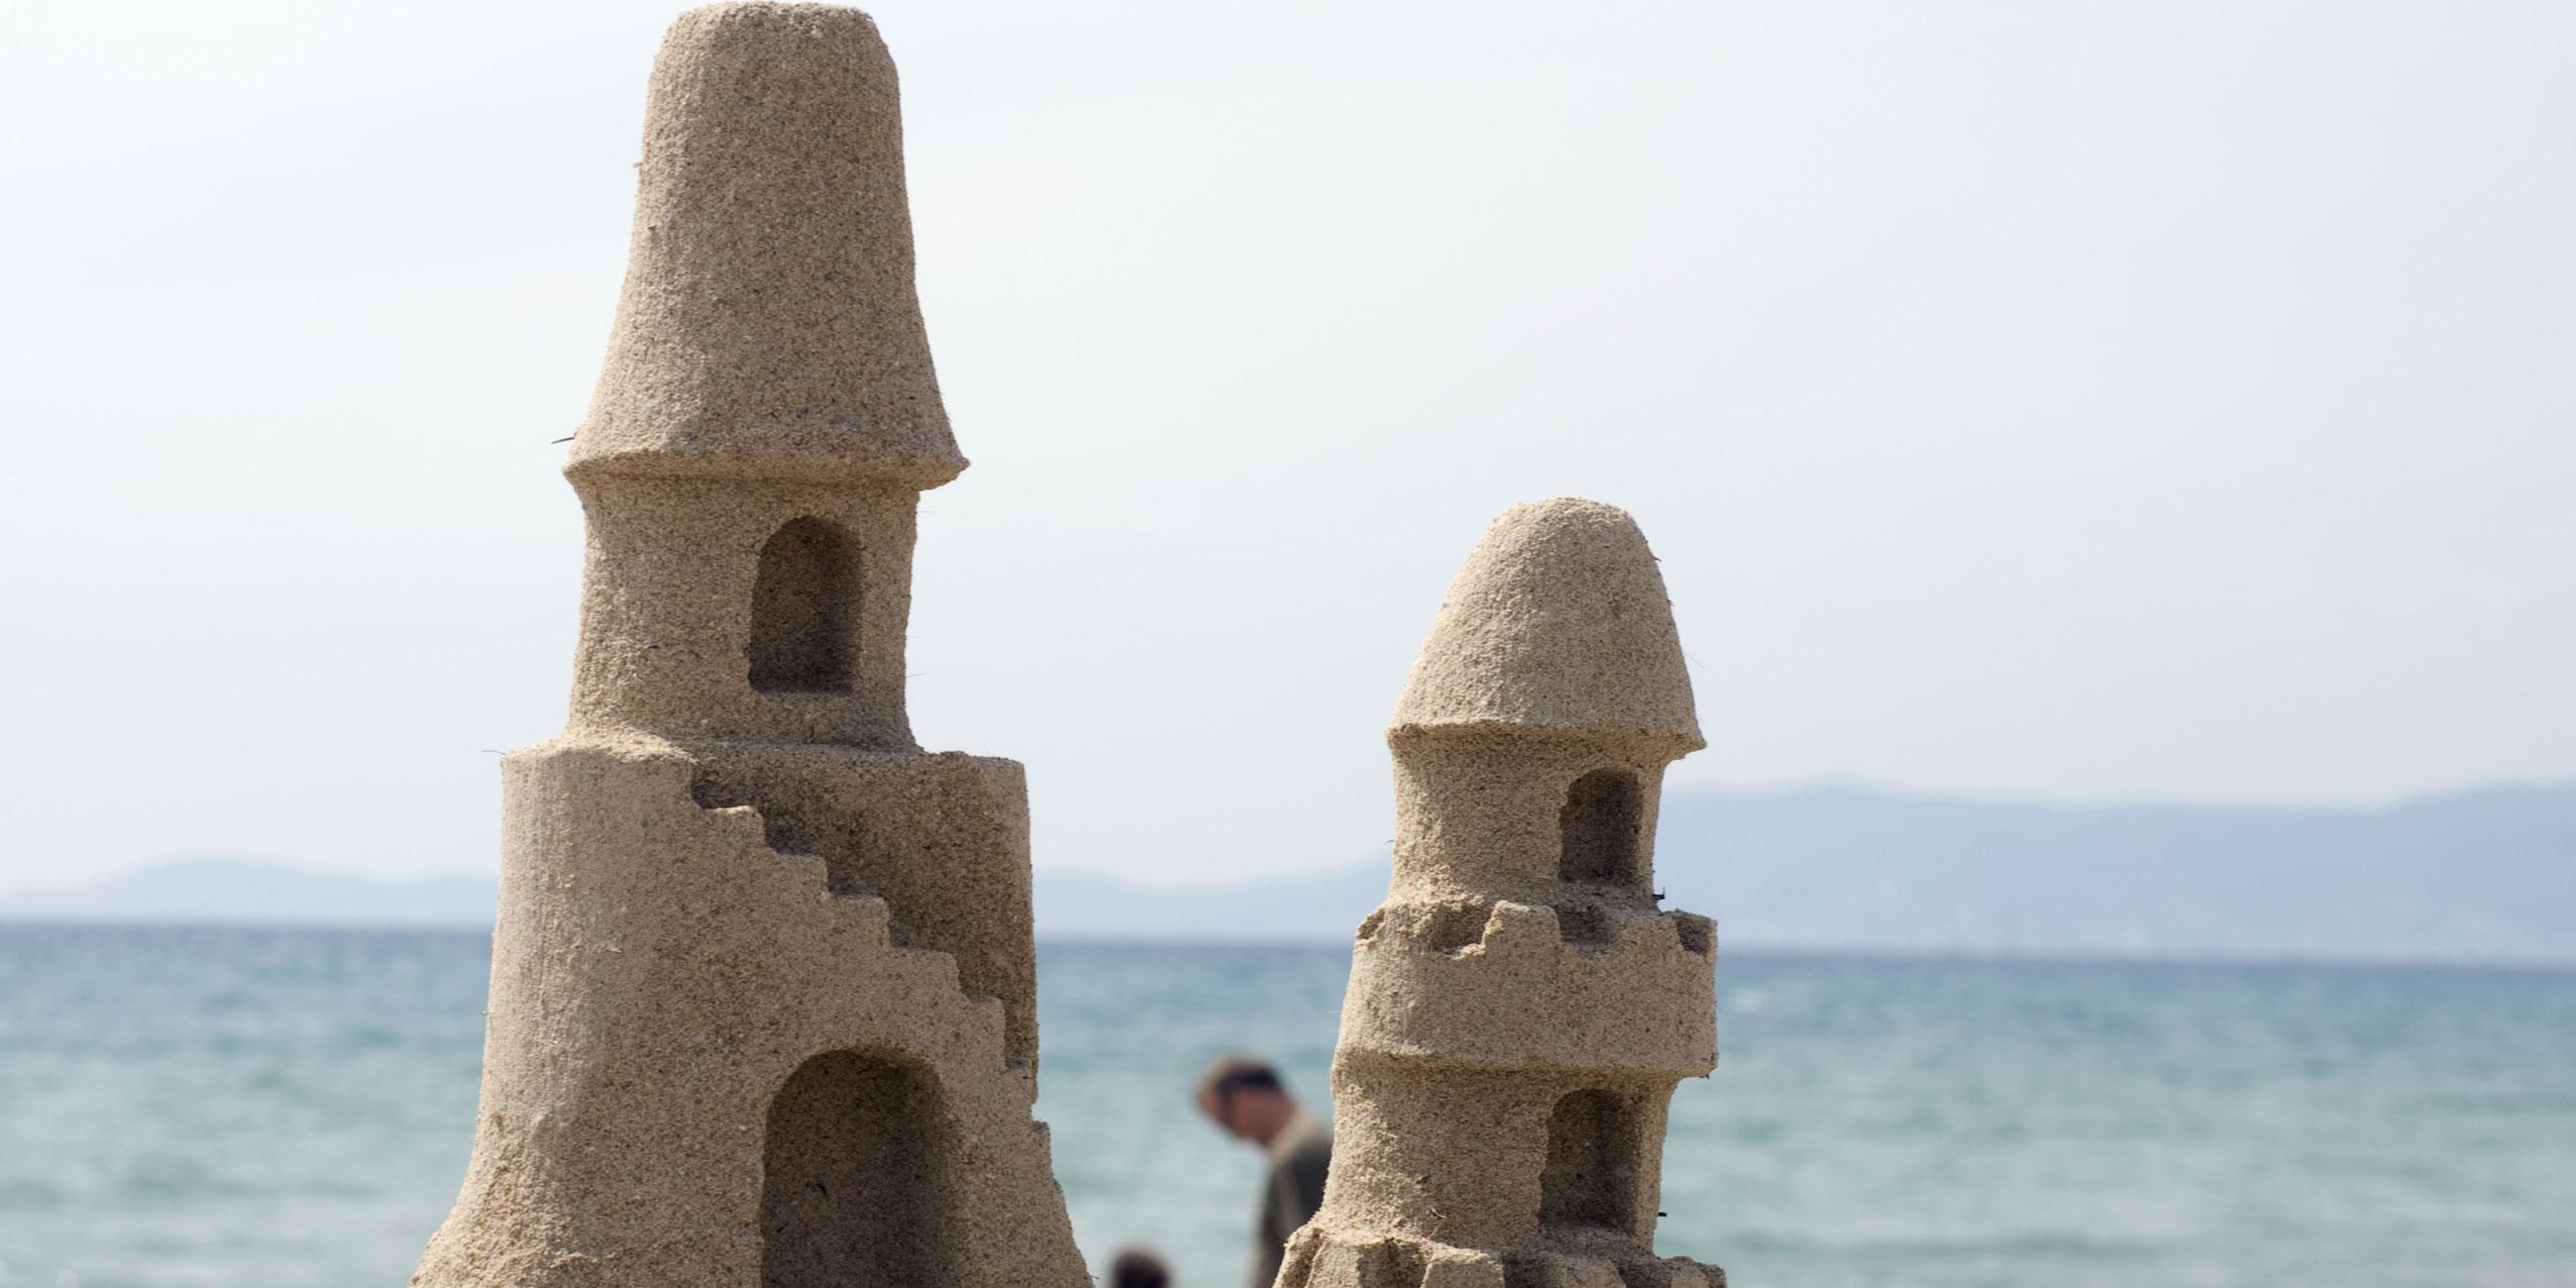 Главное событие лета в Витязево - фестиваль песчаных замковФото: globallookpress.com